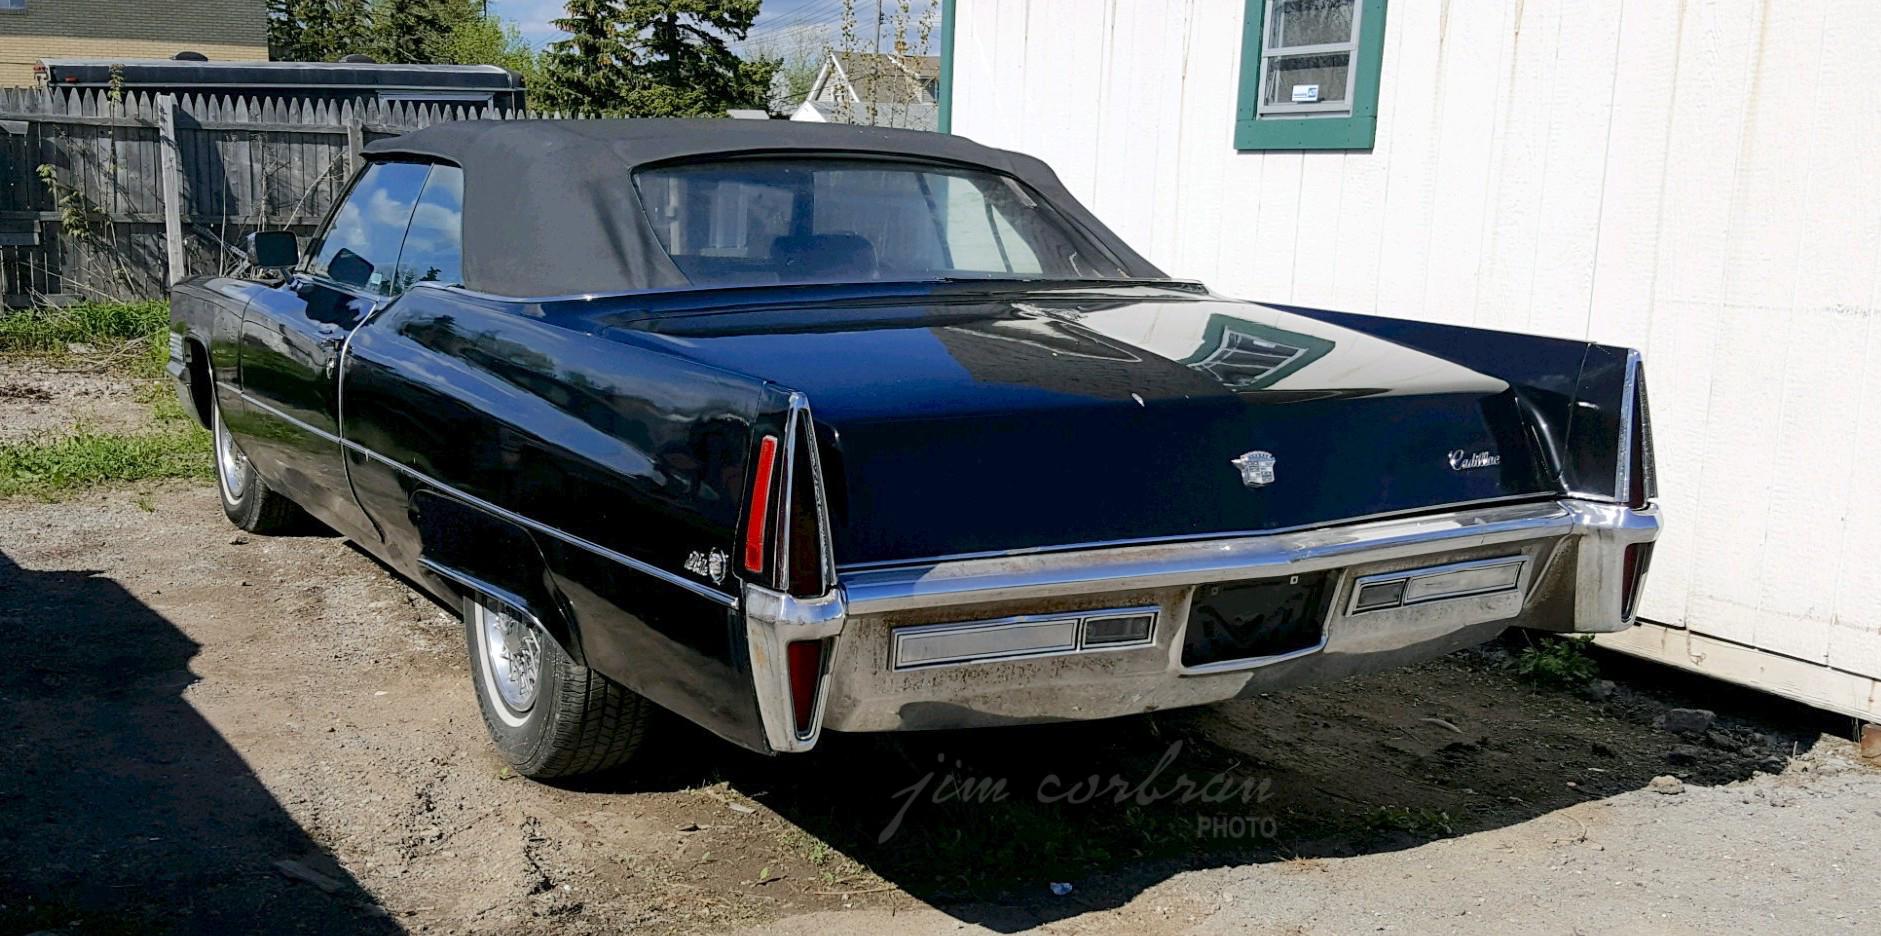 Realrides Of Wny 1970 Cadillac Deville